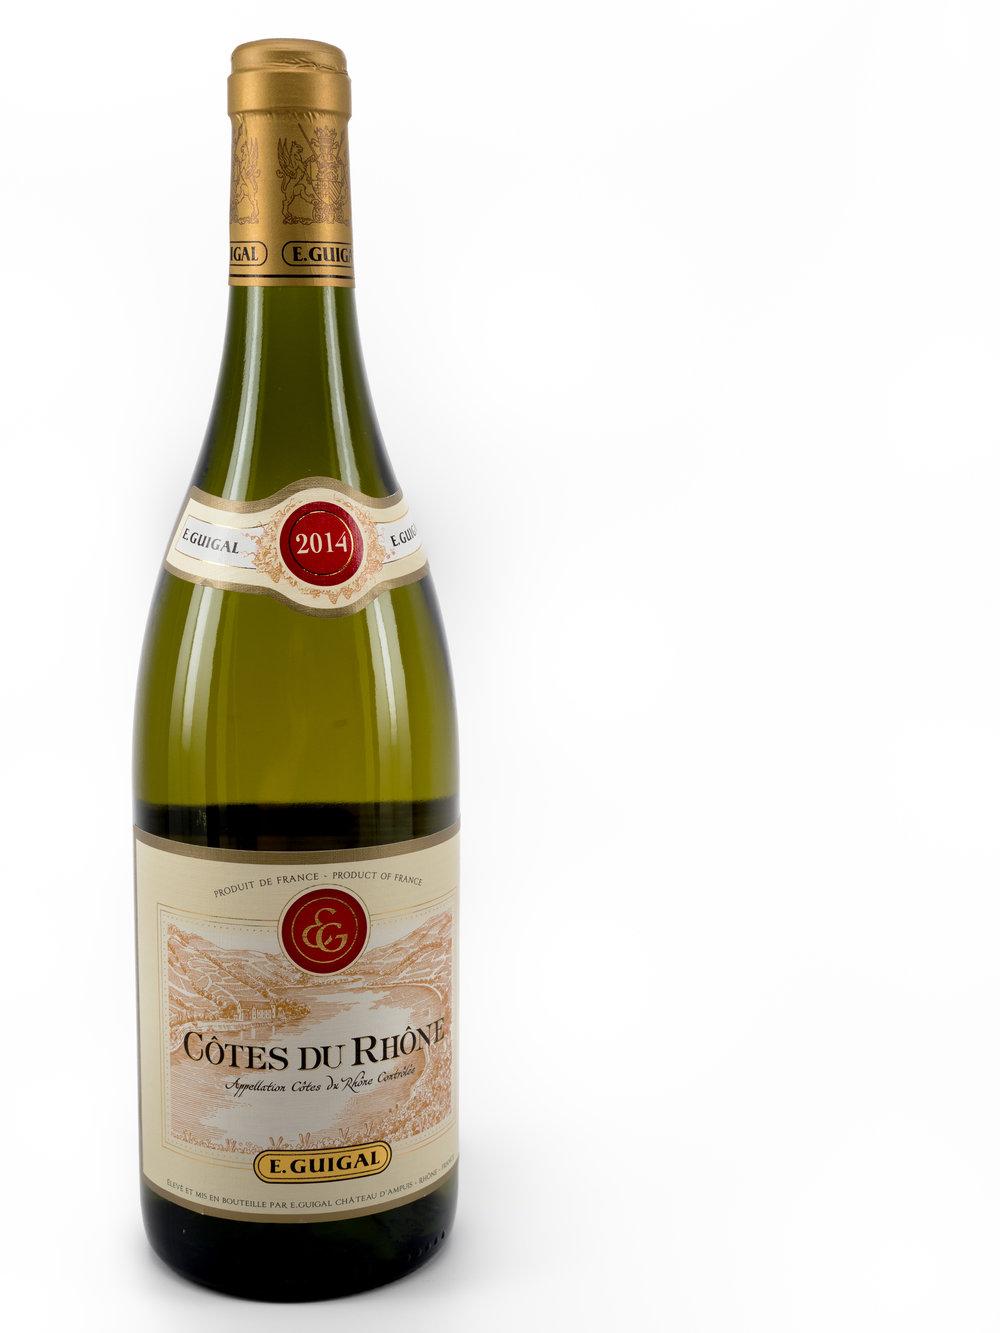 Vinous Label Elucidation - Decoding Rhone Valley Wine Labels - Cotes-du-Rhone Blanc